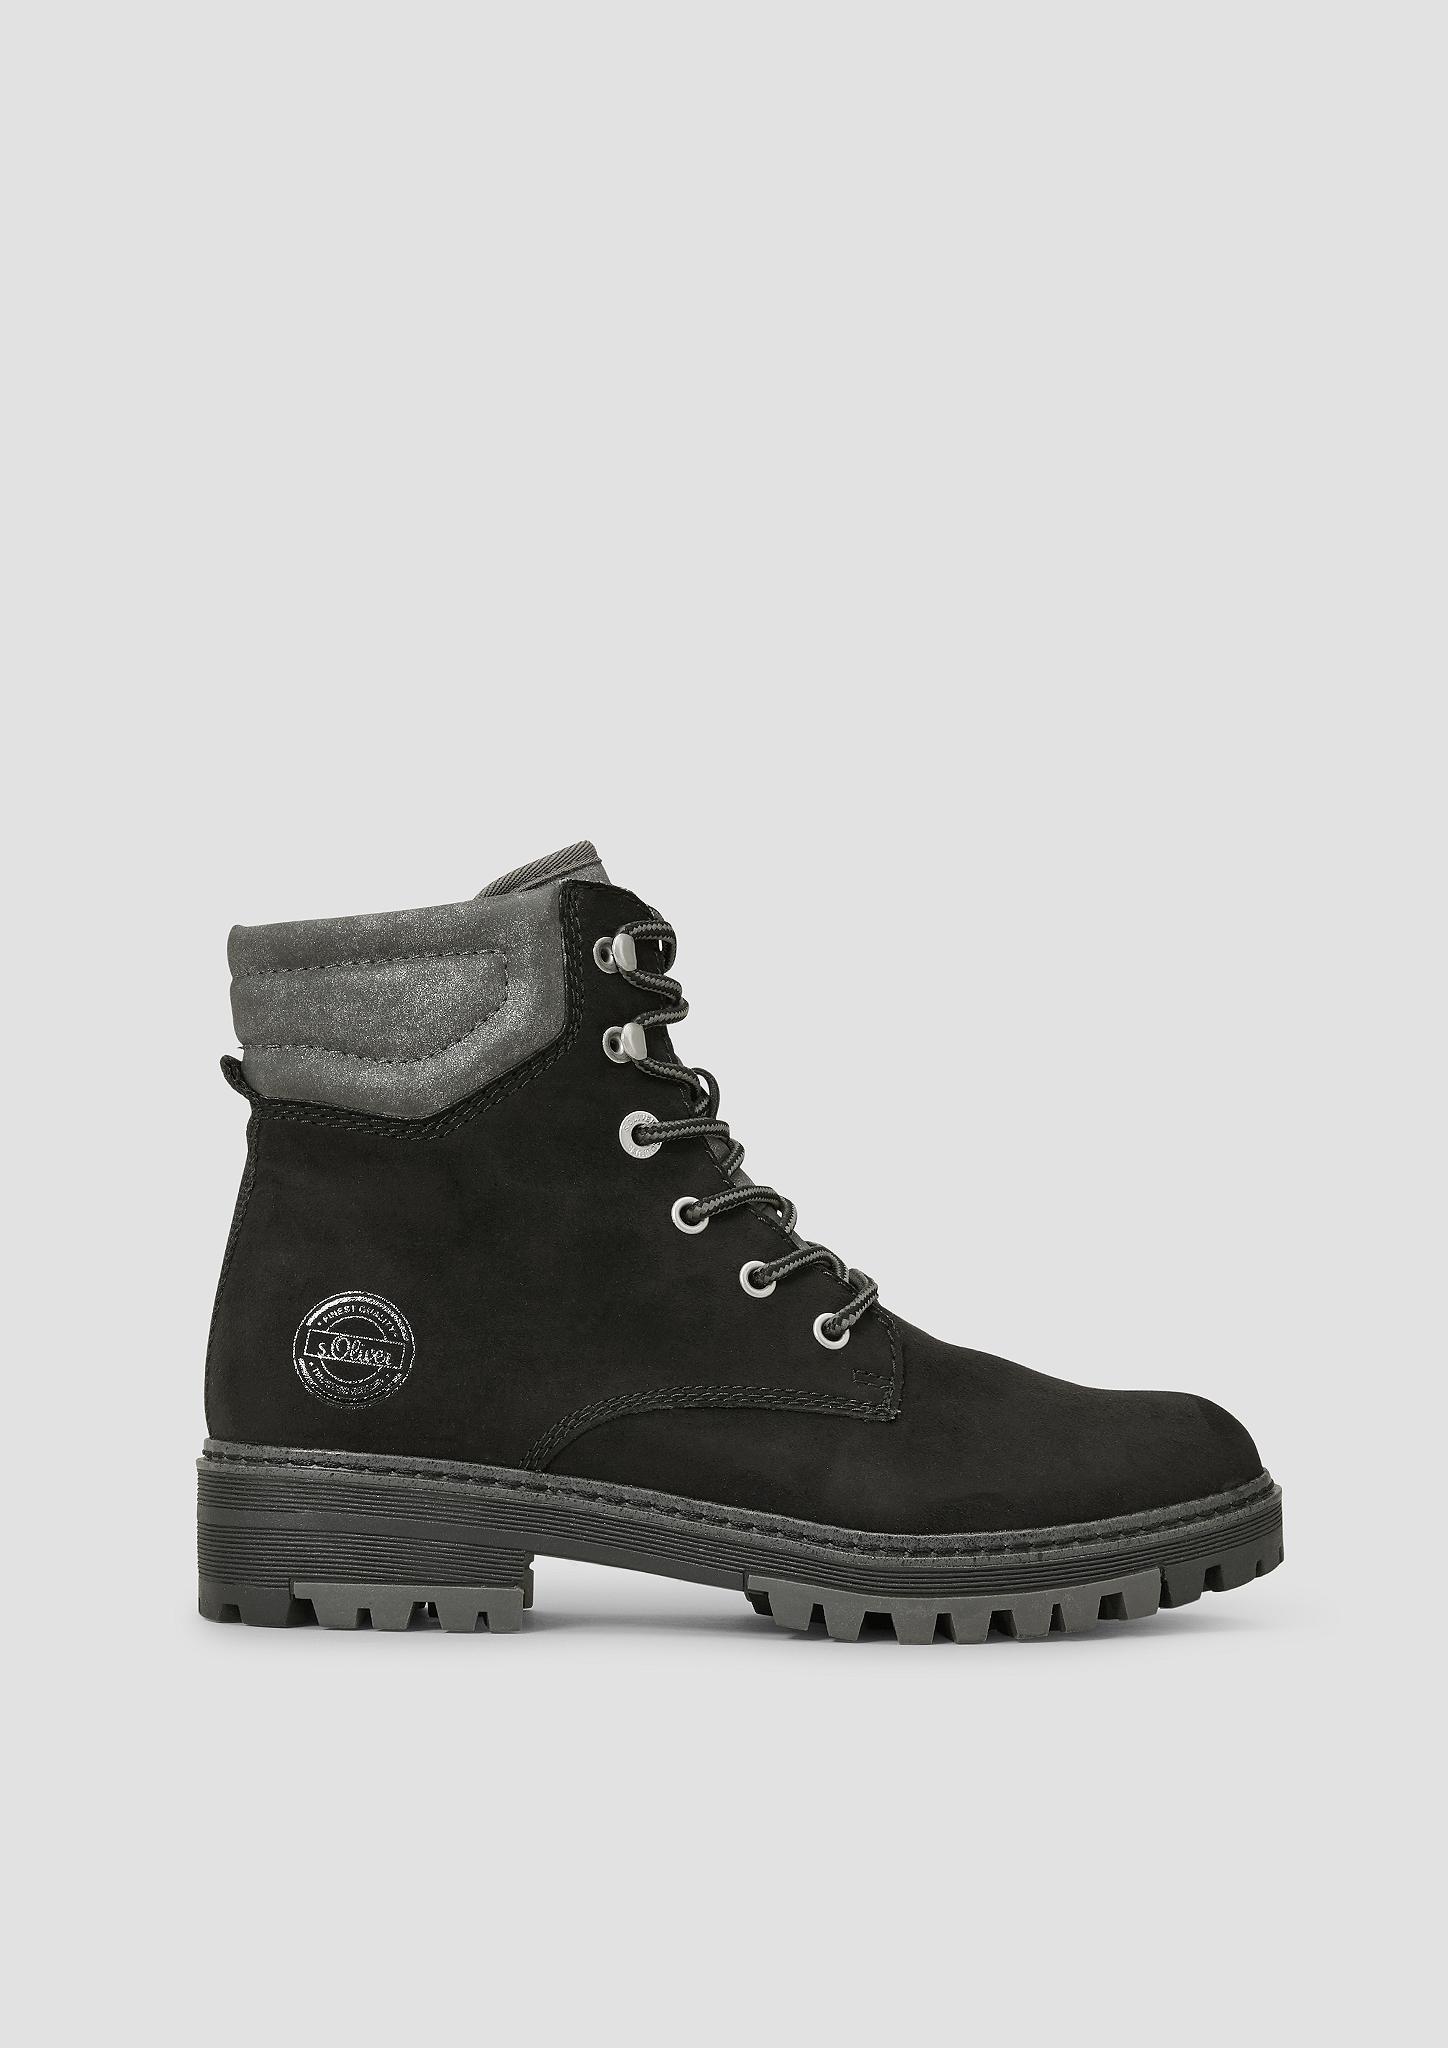 Schnürstiefel   Schuhe > Stiefel > Schnürstiefel   Weiß   Obermaterial und futter aus textil und synthetik -  decksohle aus textil -  laufsohle aus synthetik   s.Oliver